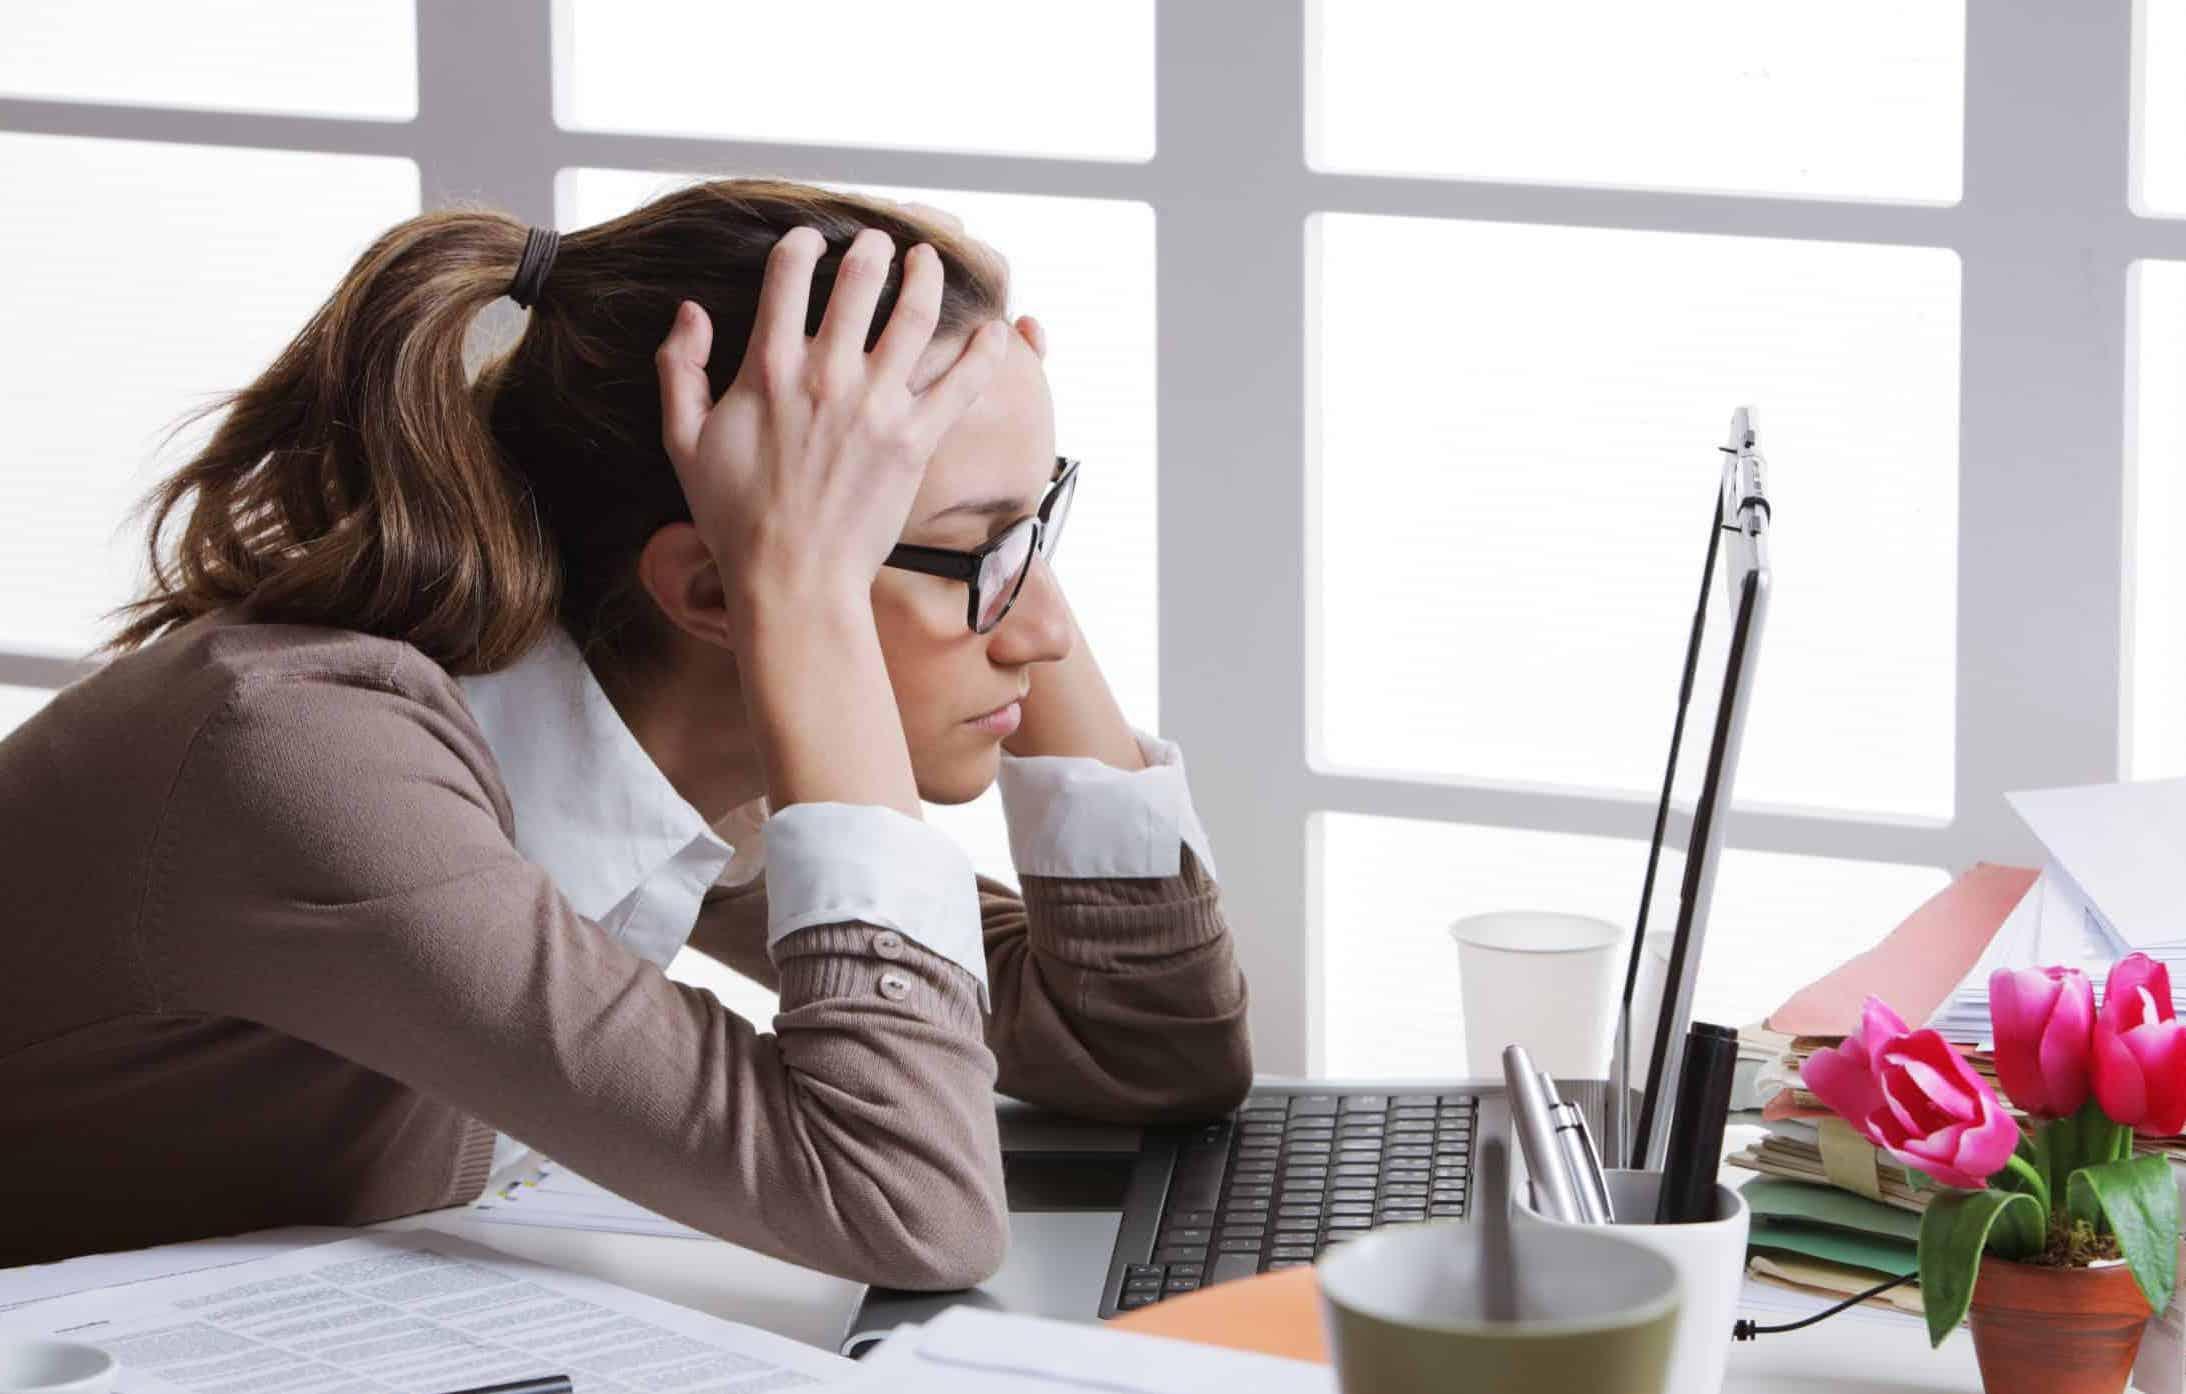 Çalışanların ortak kâbusu pazartesi günü neden sevilmiyor?